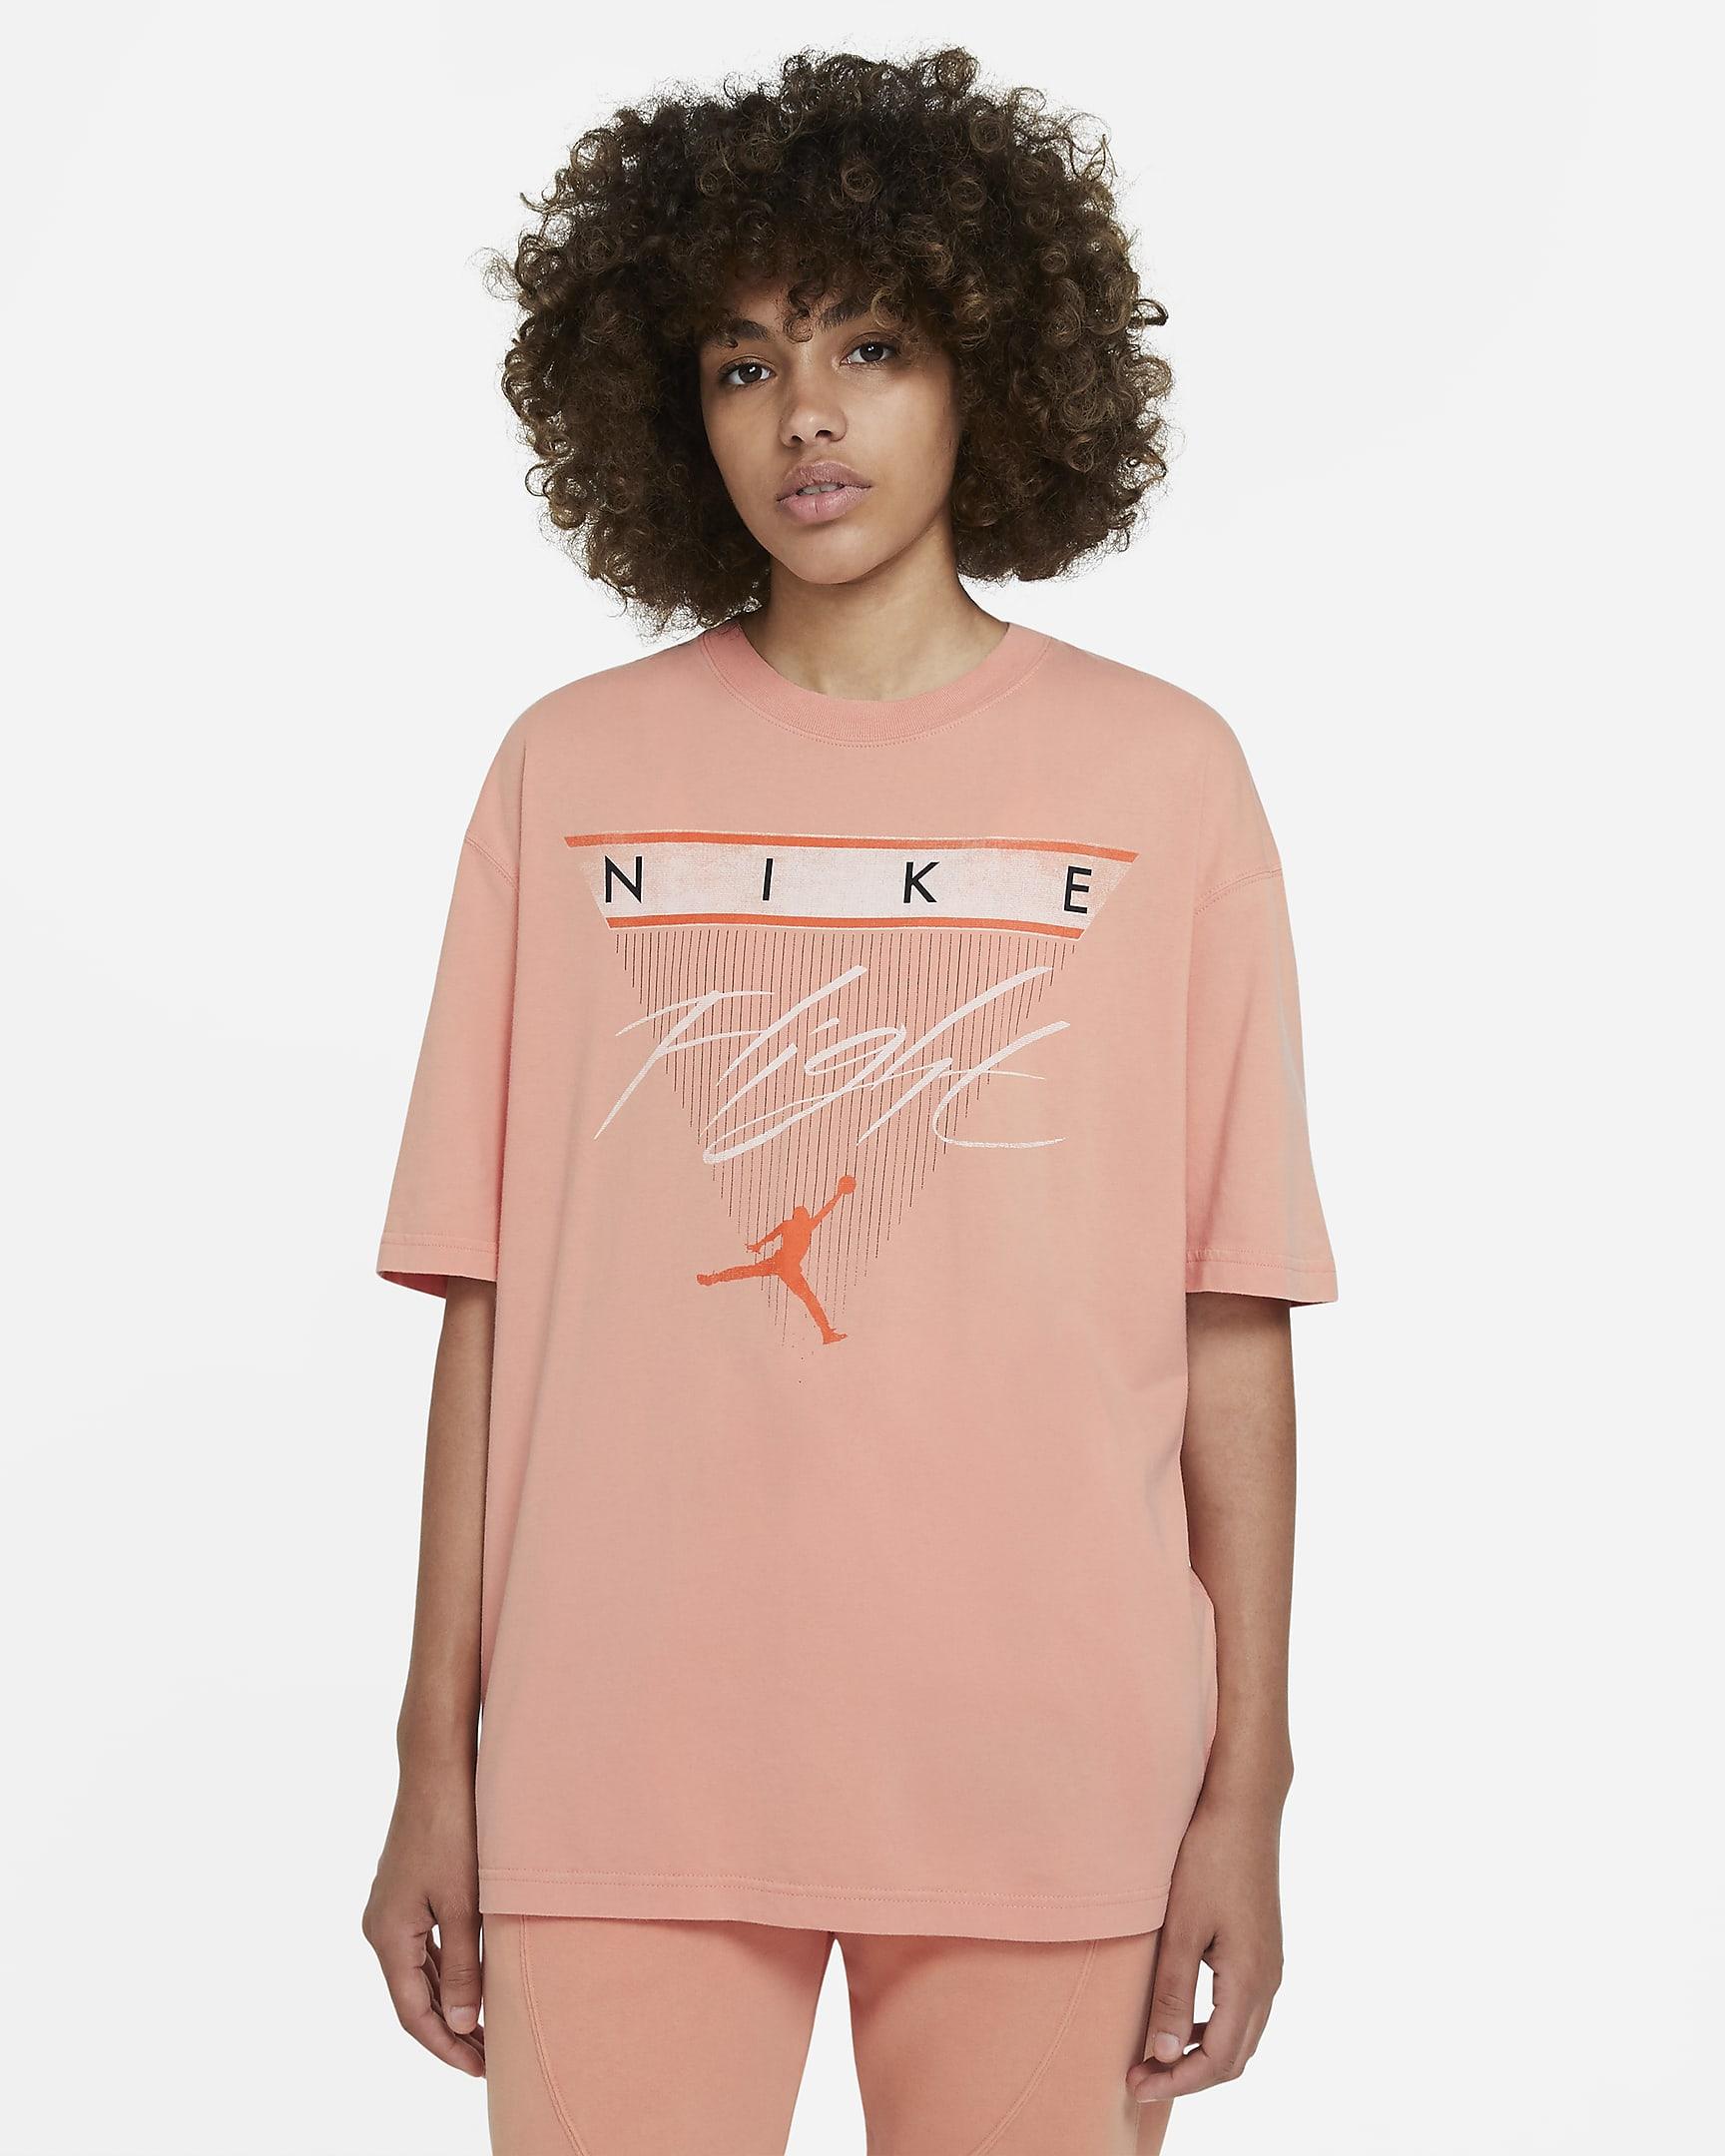 jordan-flight-womens-short-sleeve-t-shirt-npCrRd.png